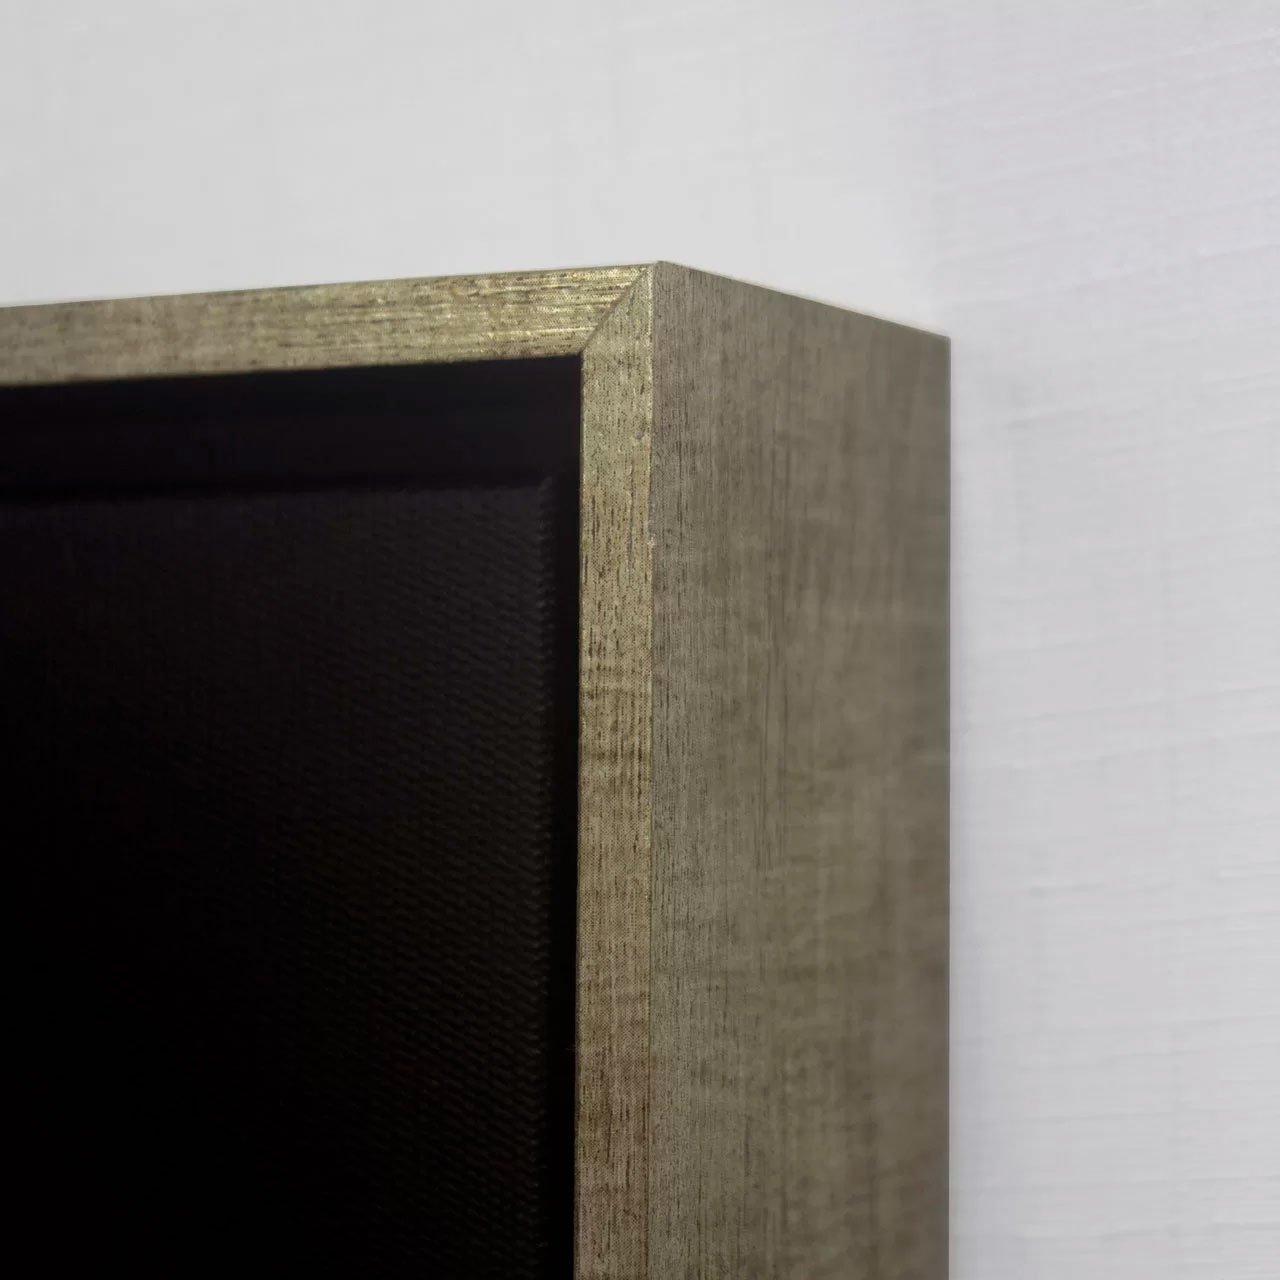 Moldura de alto padrão, feita de madeira maciça com acabamento em prata envelhecida. Moldura flutuante especial para tela canvas.